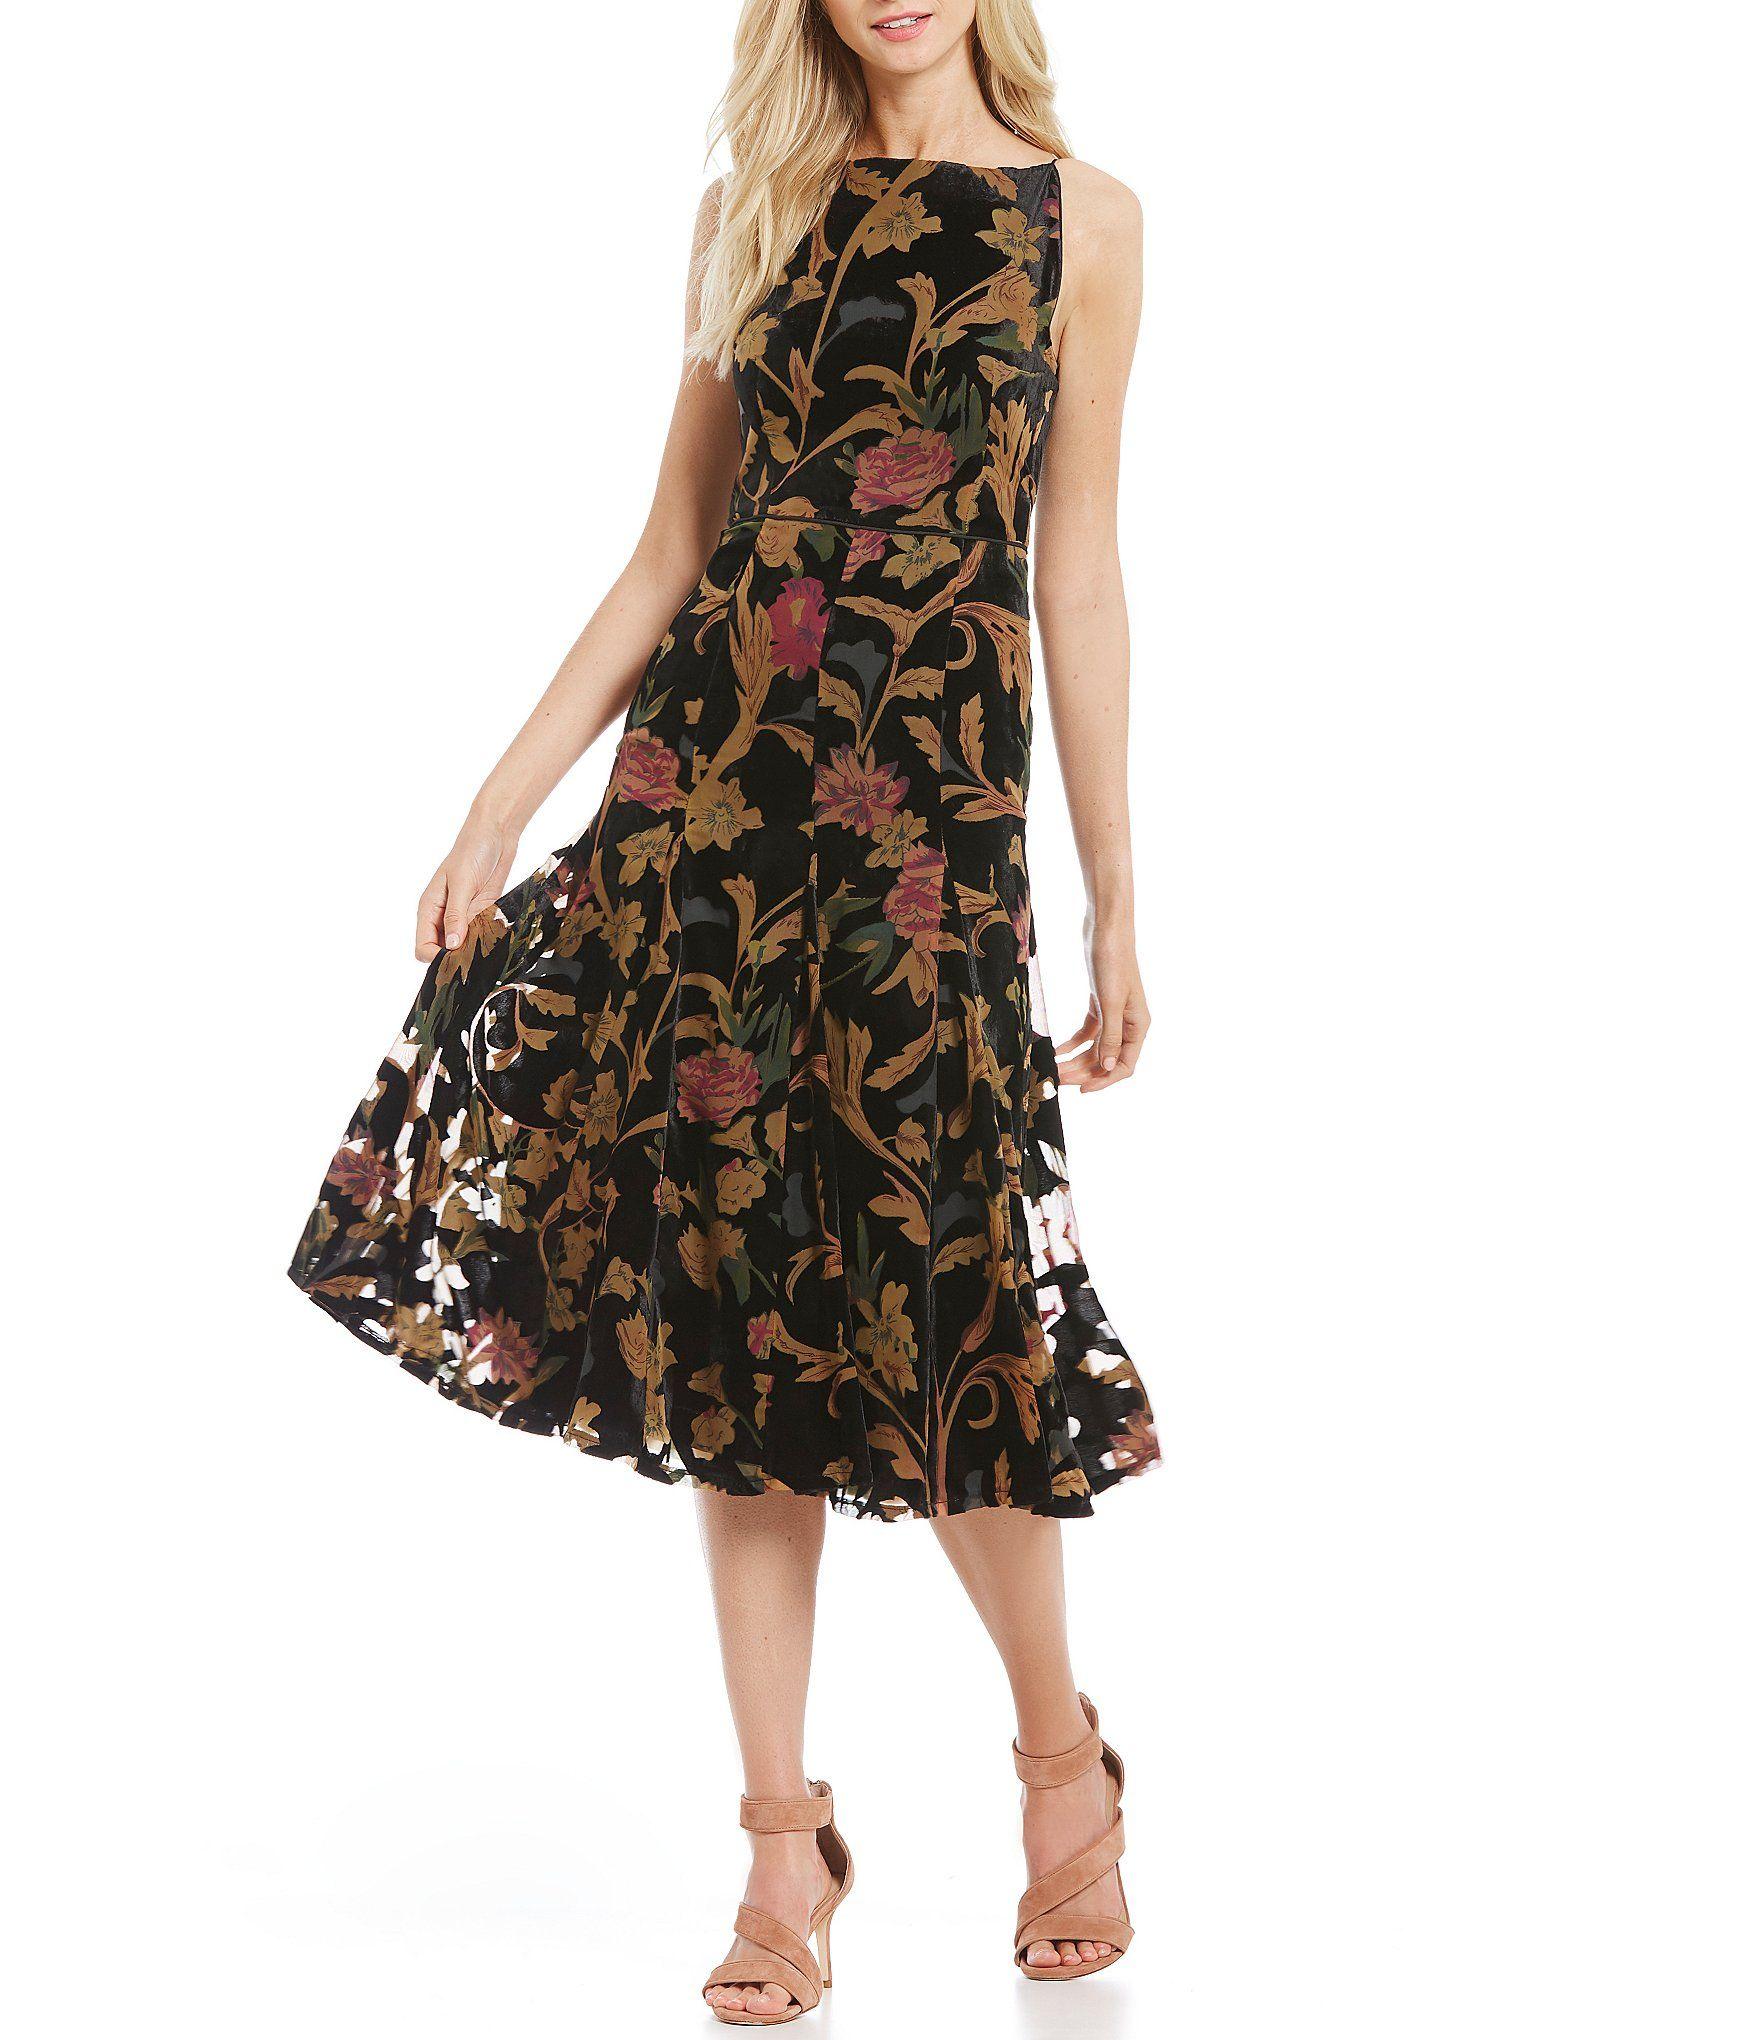 4c45df85e70e Shop for Antonio Melani Gigi Velvet Burnout Dress at Dillards.com. Visit  Dillards.com to find clothing